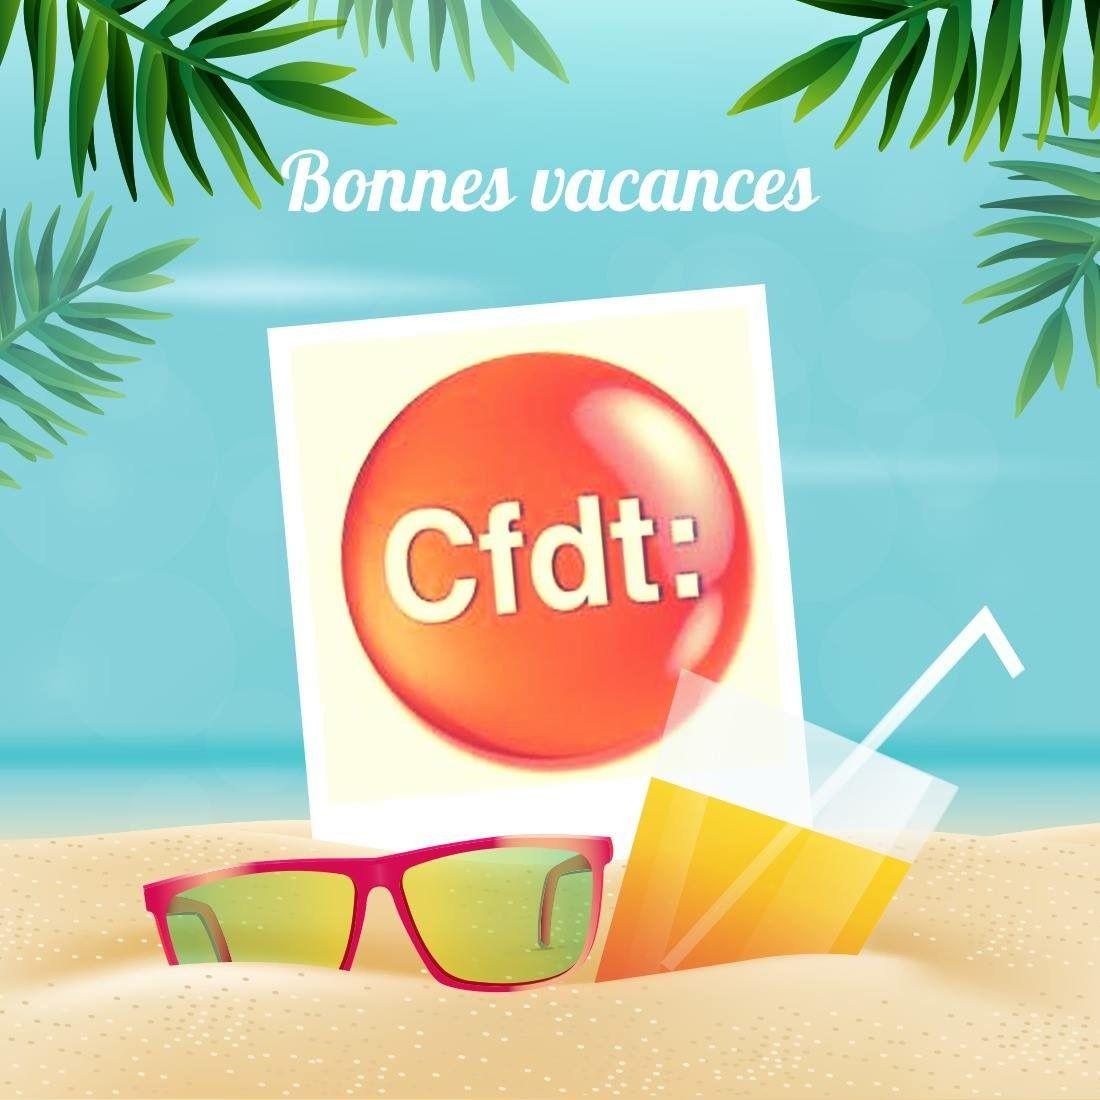 Bonnes vacances, profitez-en : connectez vous CFDT